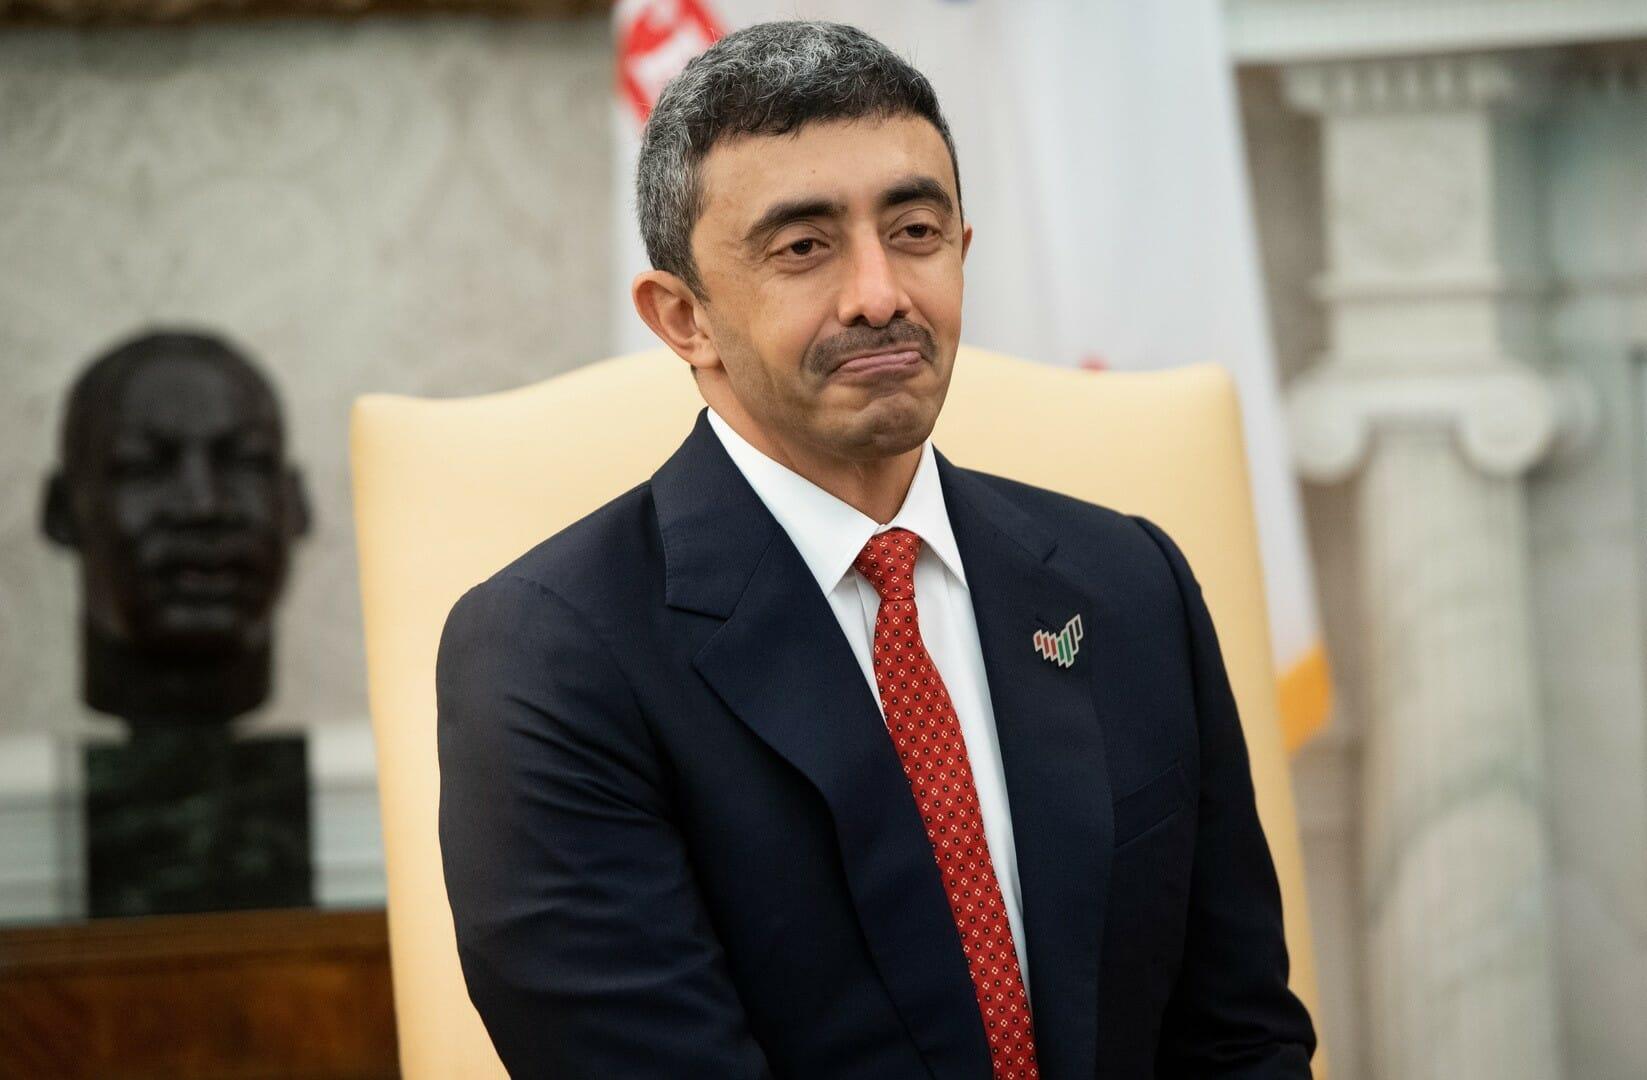 وزير خارجية الامارات عبدالله بن زايد